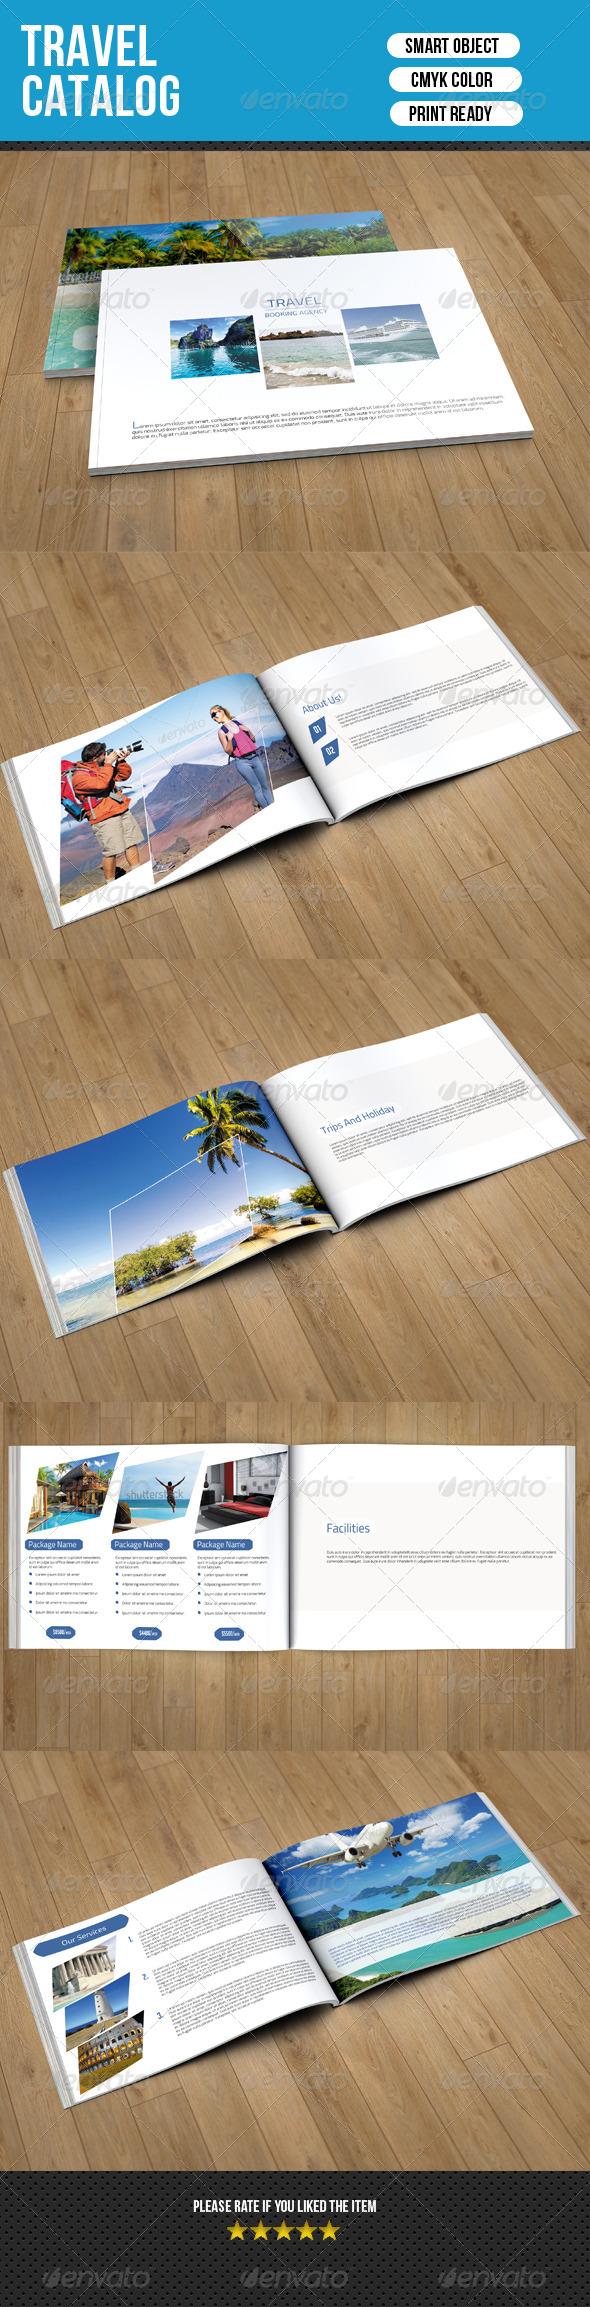 GraphicRiver Travel Catalog-V01 7744501